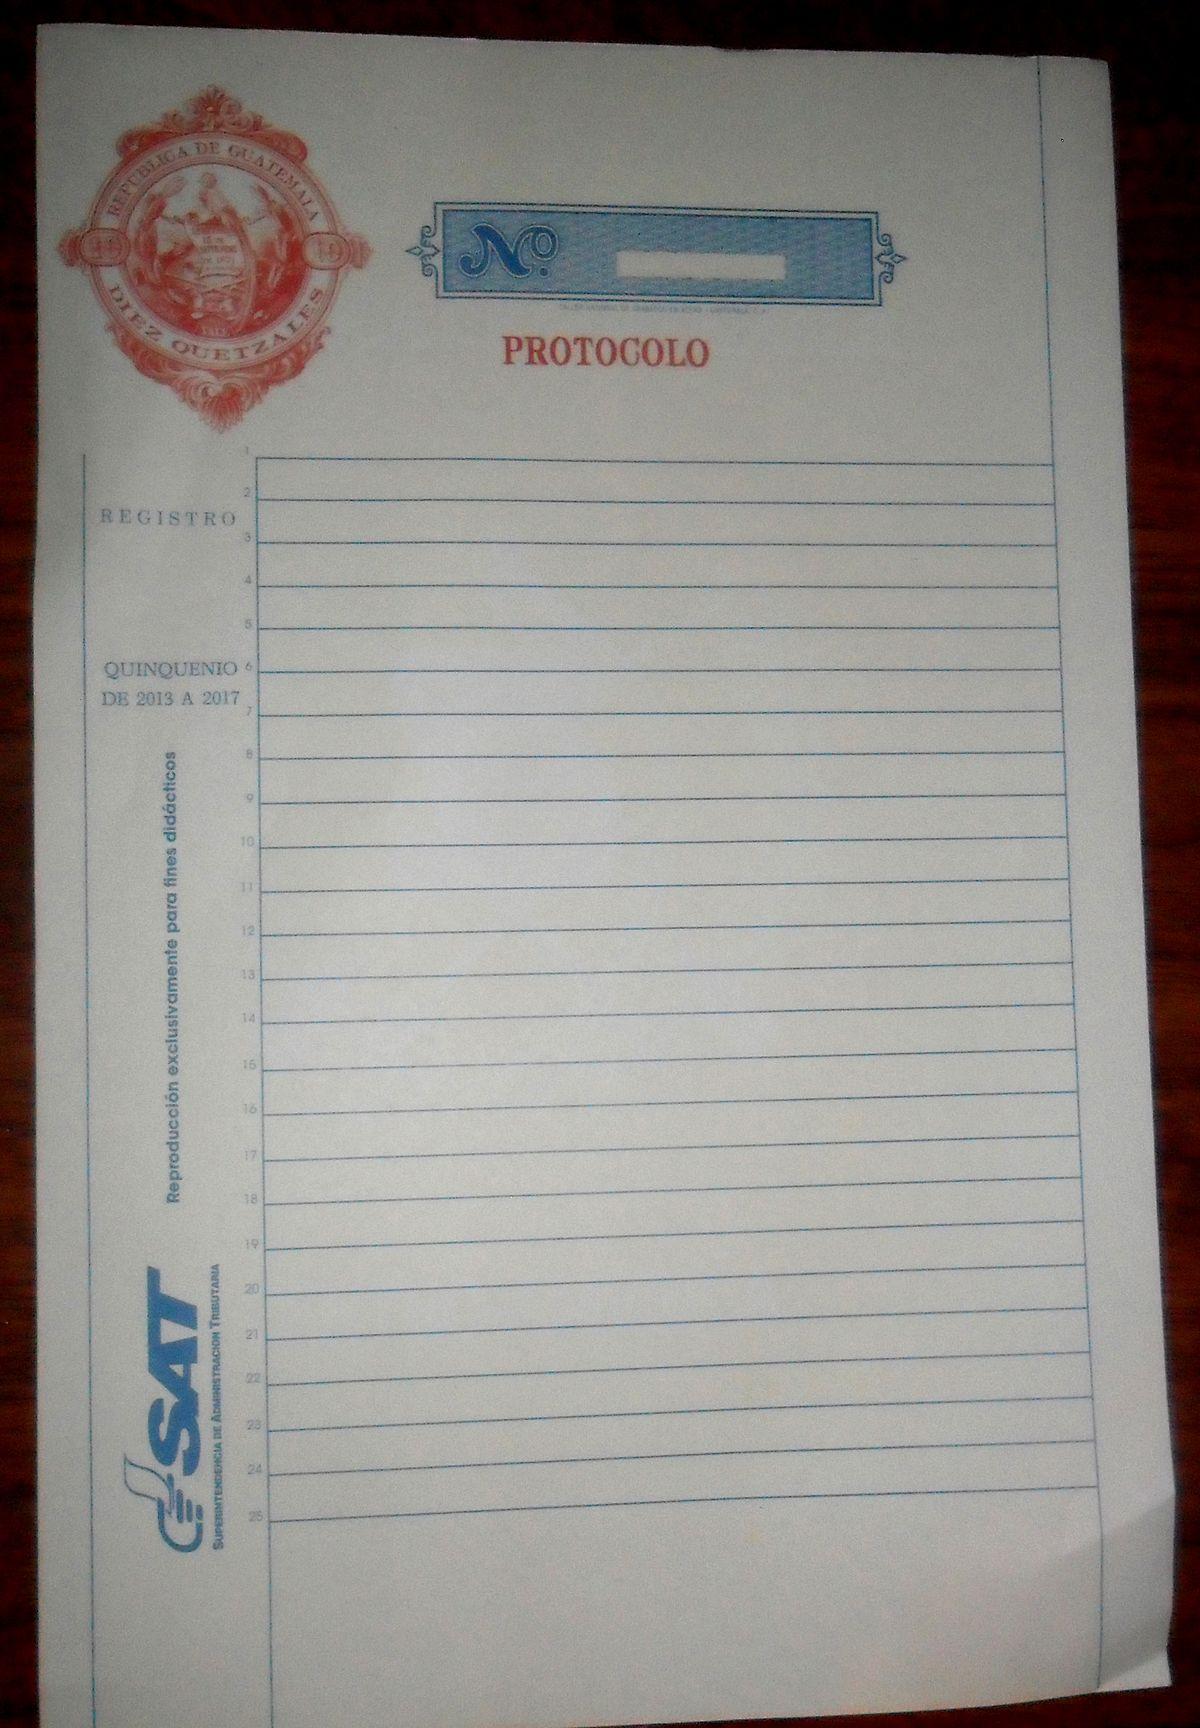 papel sellado especial para protocolo wikipedia la